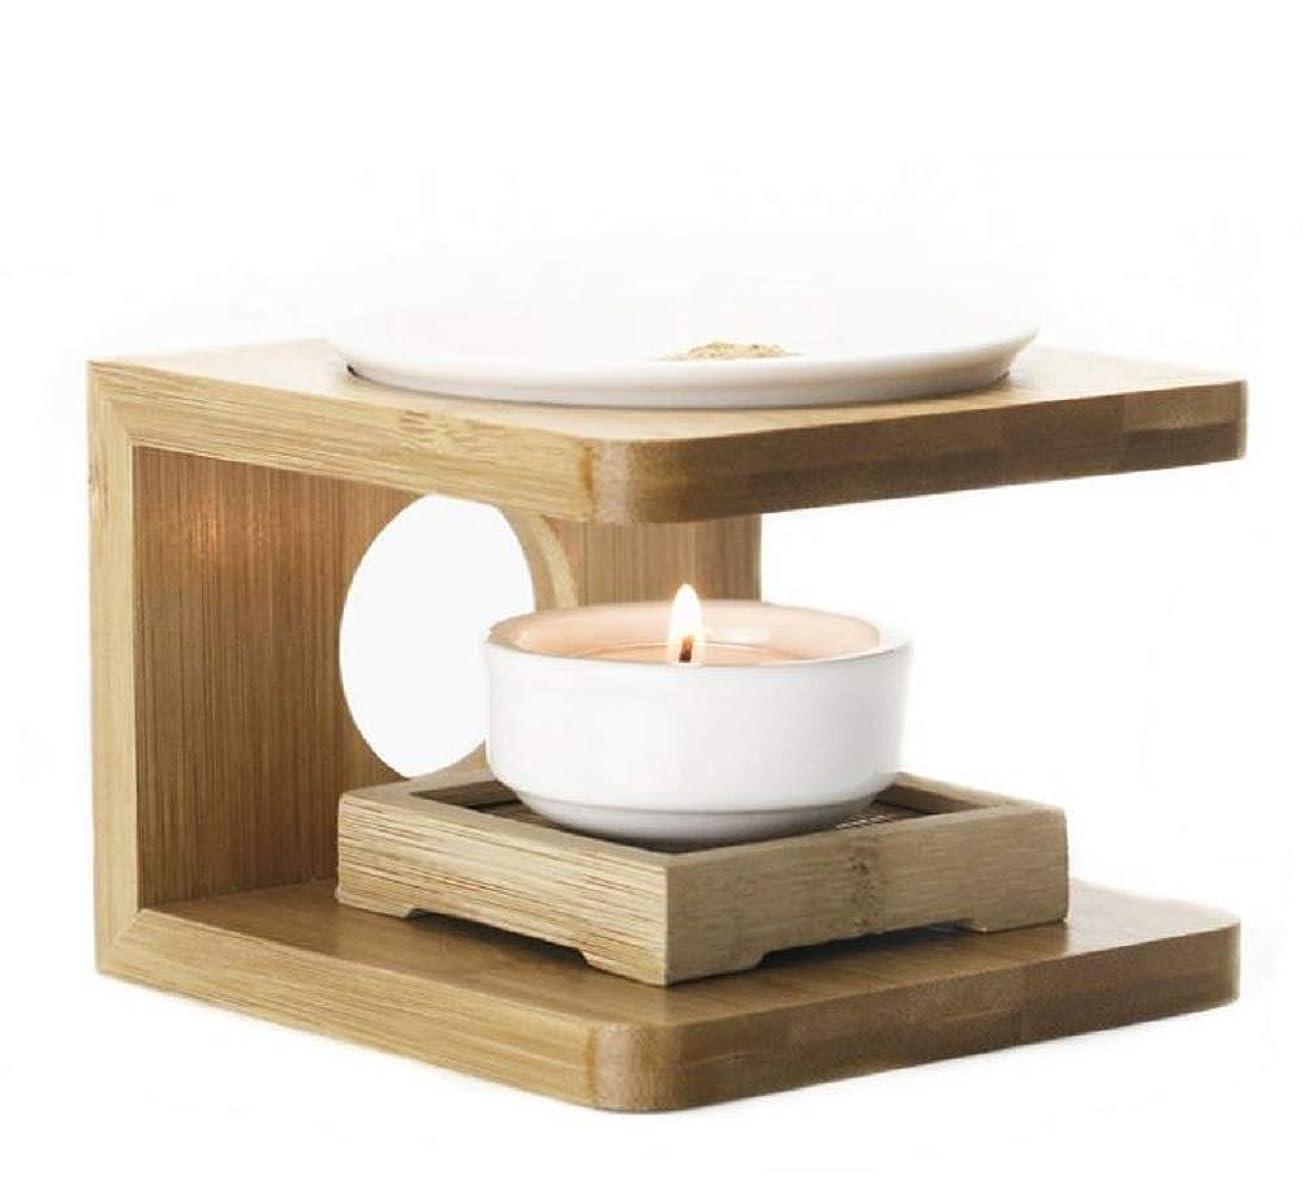 固有の支配的洗練された茶香炉 陶器茶香炉 茶こうろ 茶 インテリア お祝い最適なプレゼント 茶香炉 陶器茶香炉 アロマ炉 茶こうろ お茶 MGC JAPAN TRADE